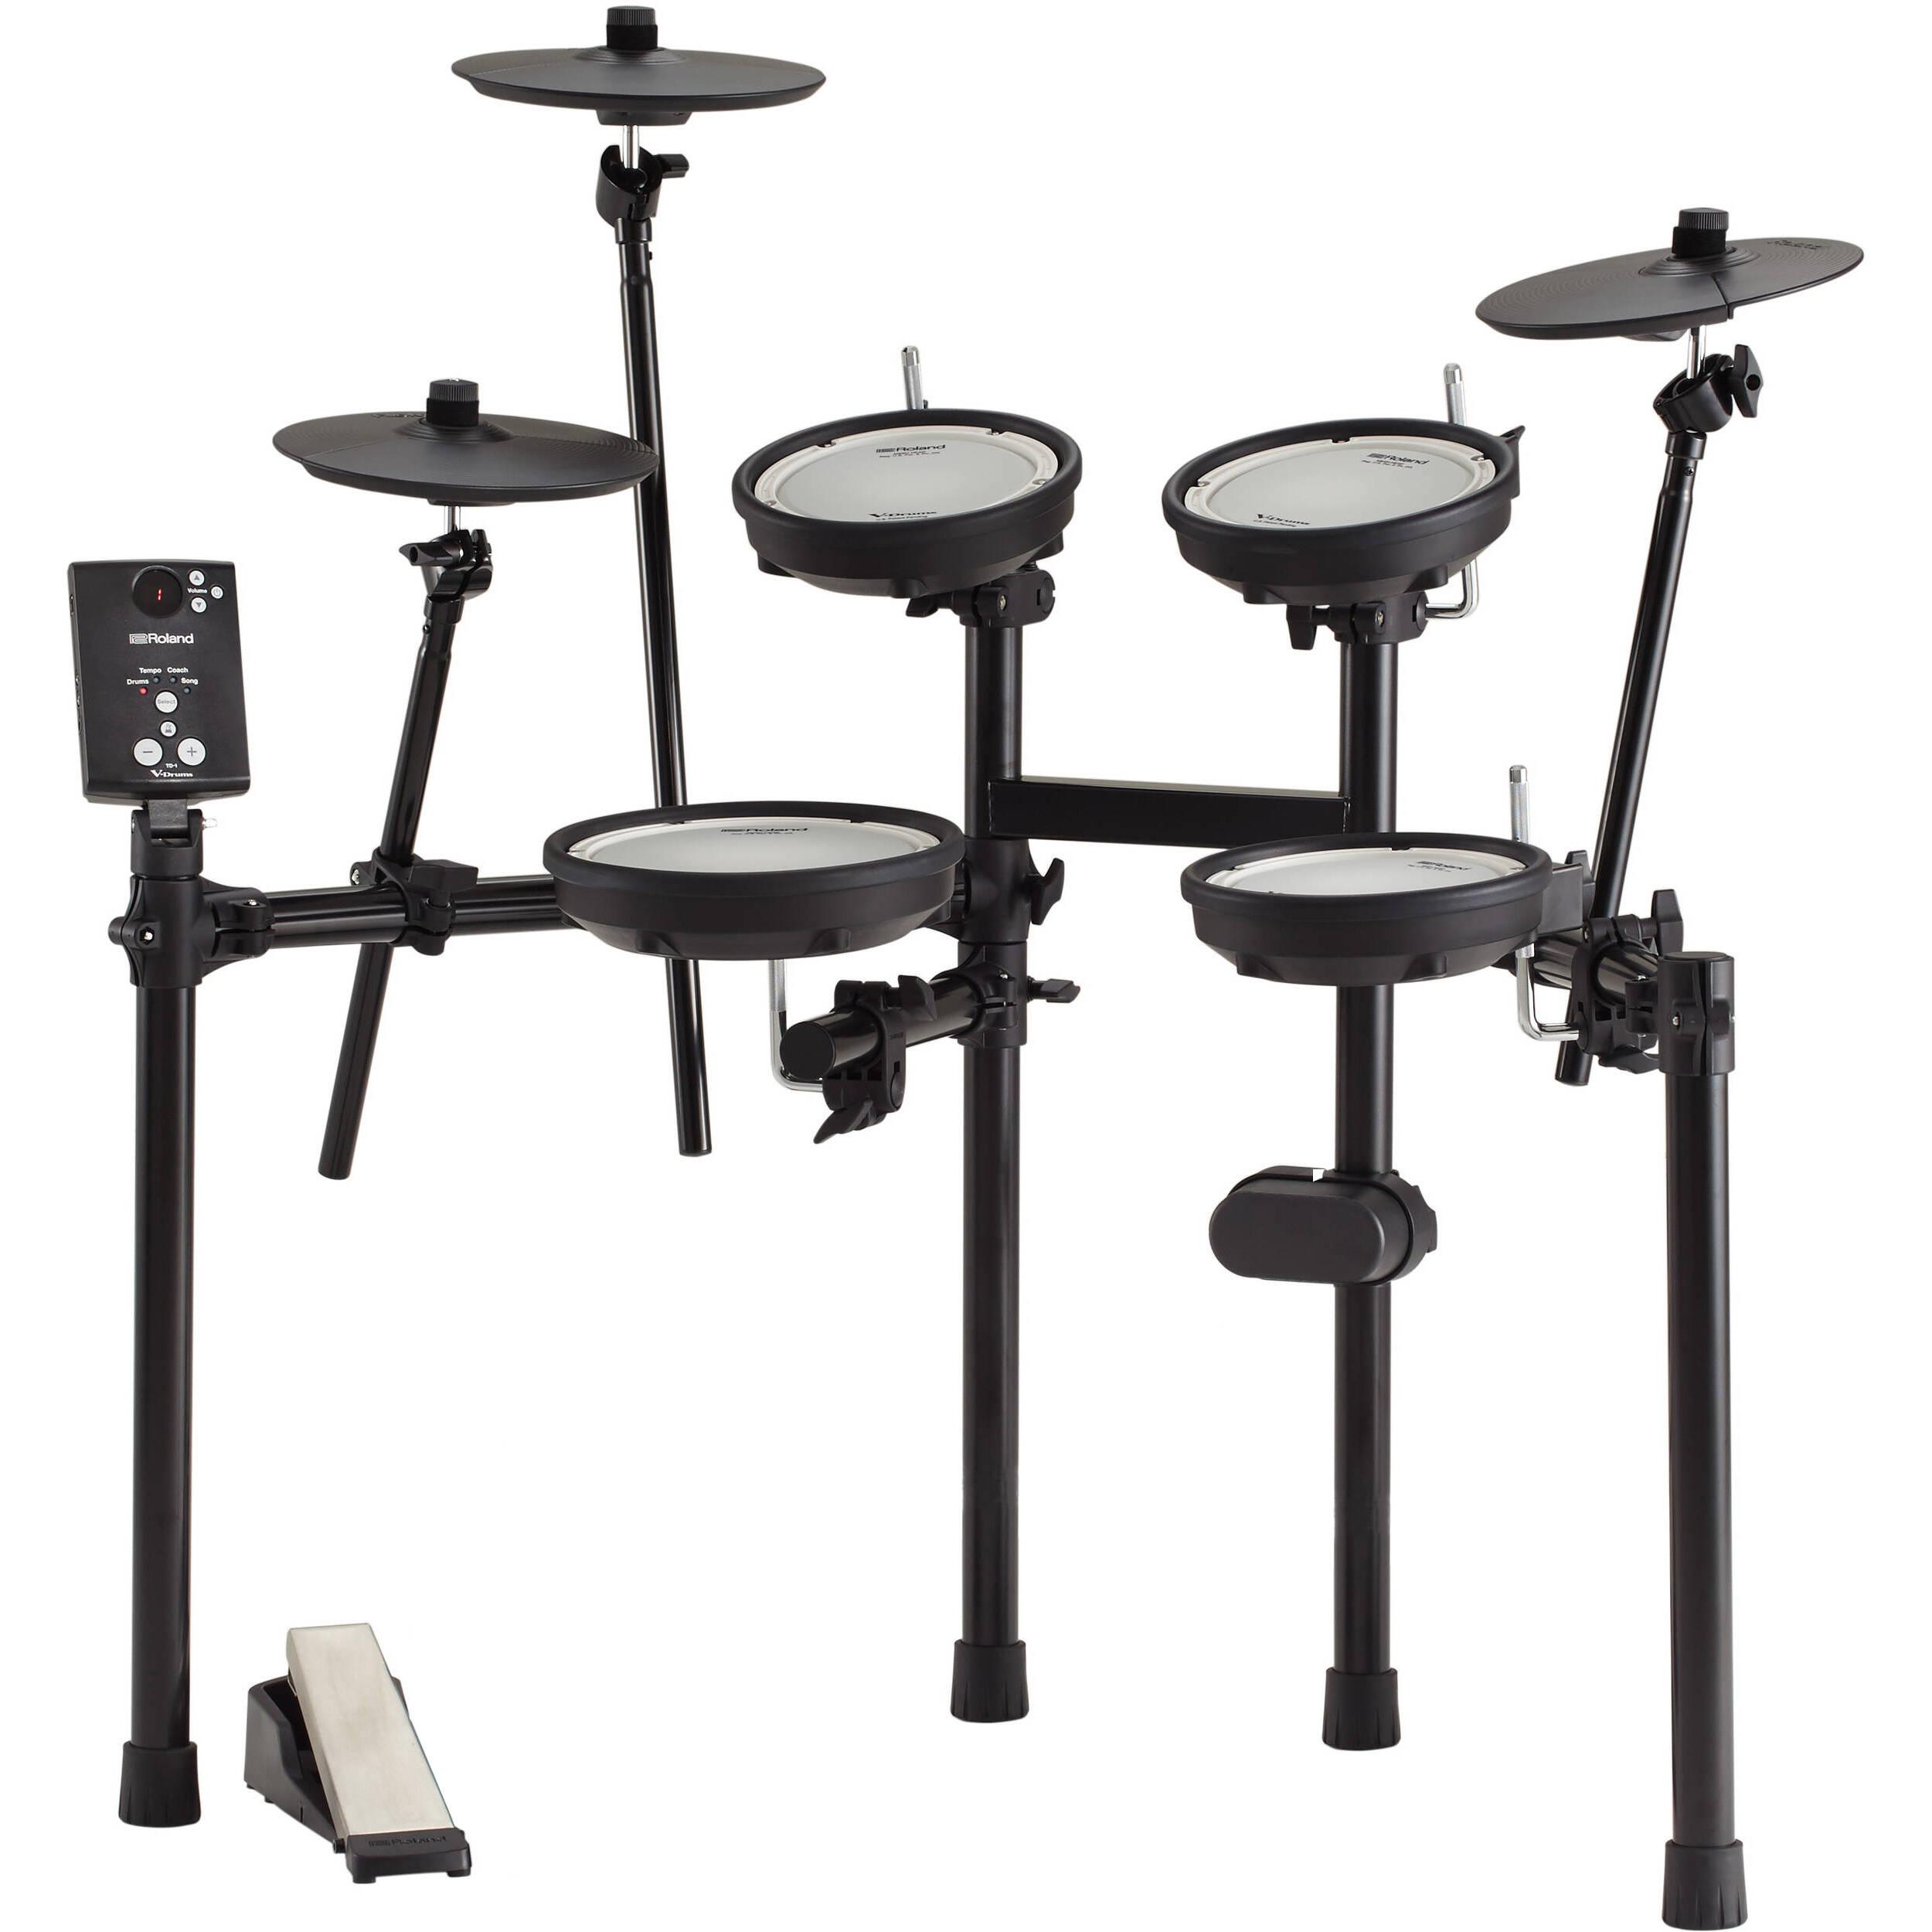 Roland Td 1dmk V Drums Electronic Drum Set Td 1dmk B H Photo